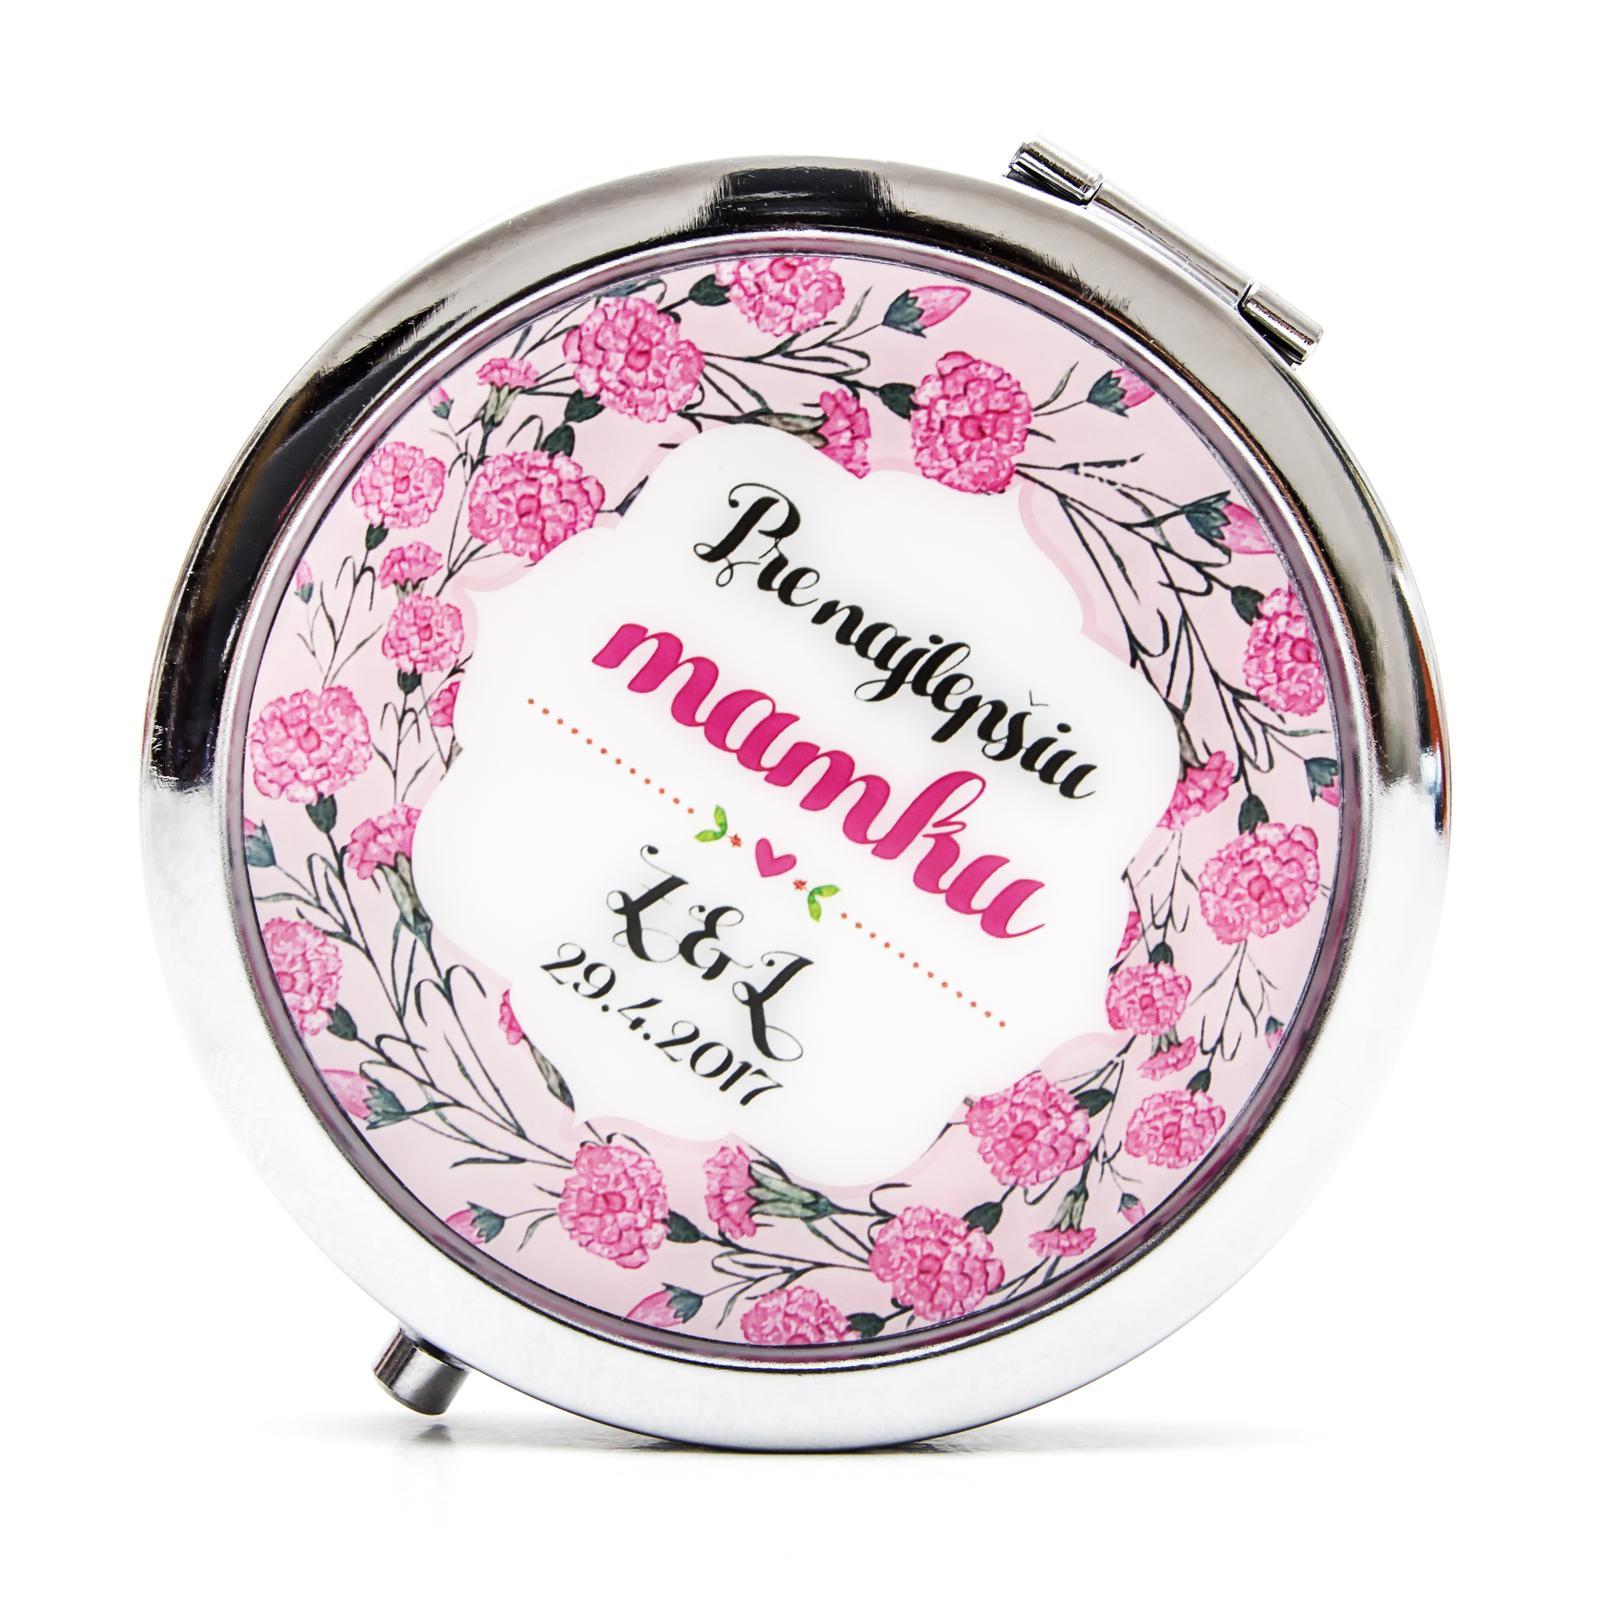 Zrkadielka na želanie - Zrkadielko pre mamku - kvetinkový motív - karafiáty